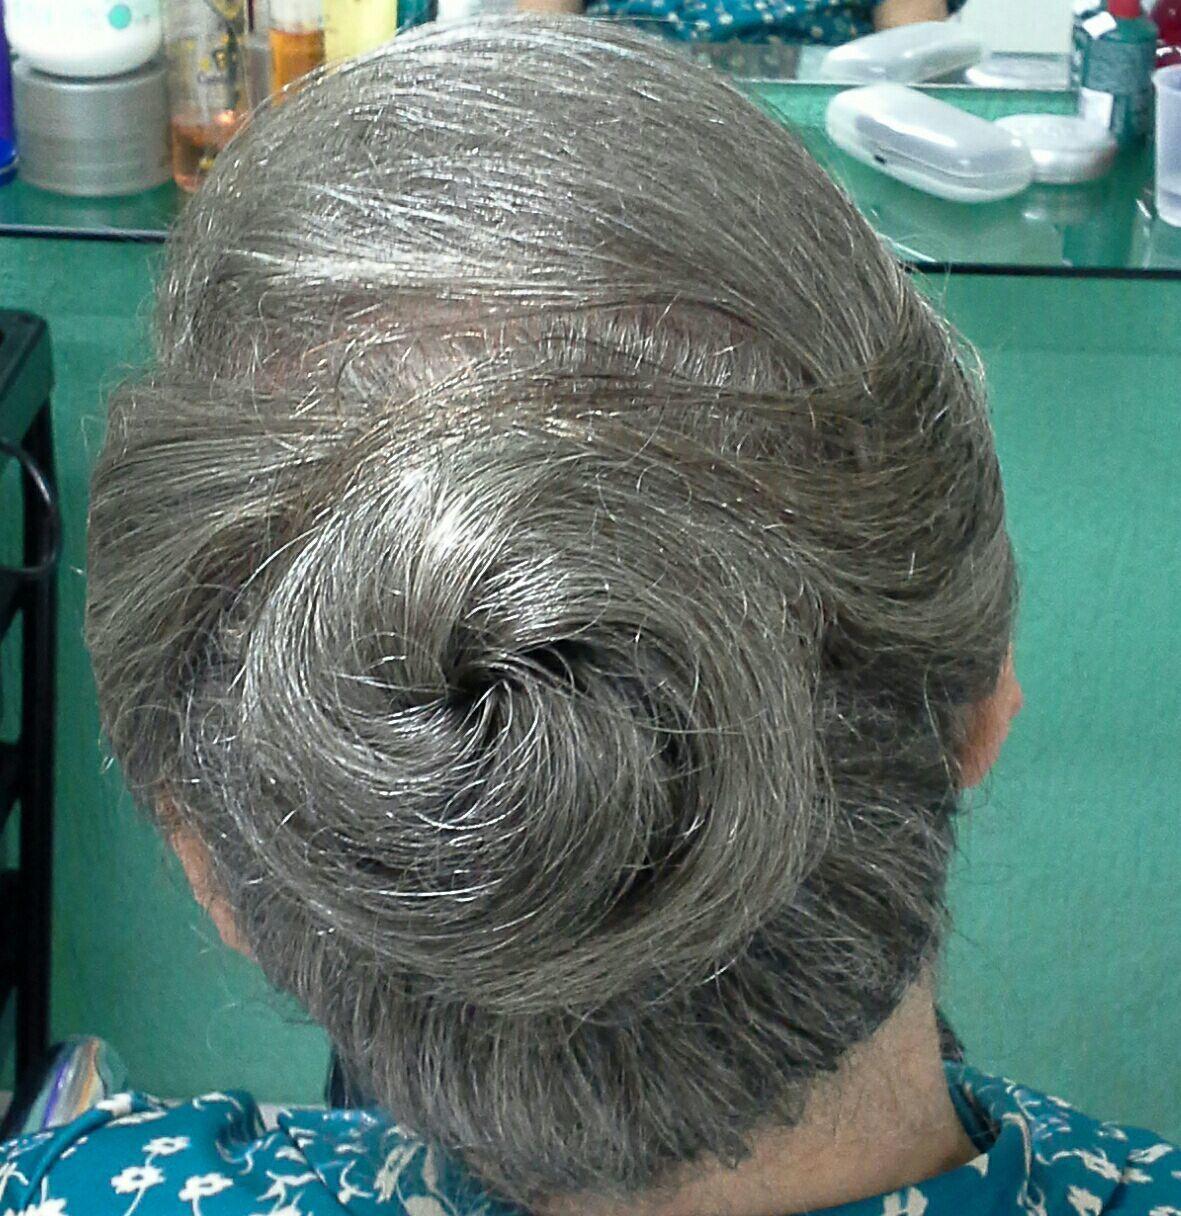 Cabelo de festa  #beauty  veravisagista cabelo stylist / visagista cabeleireiro(a)